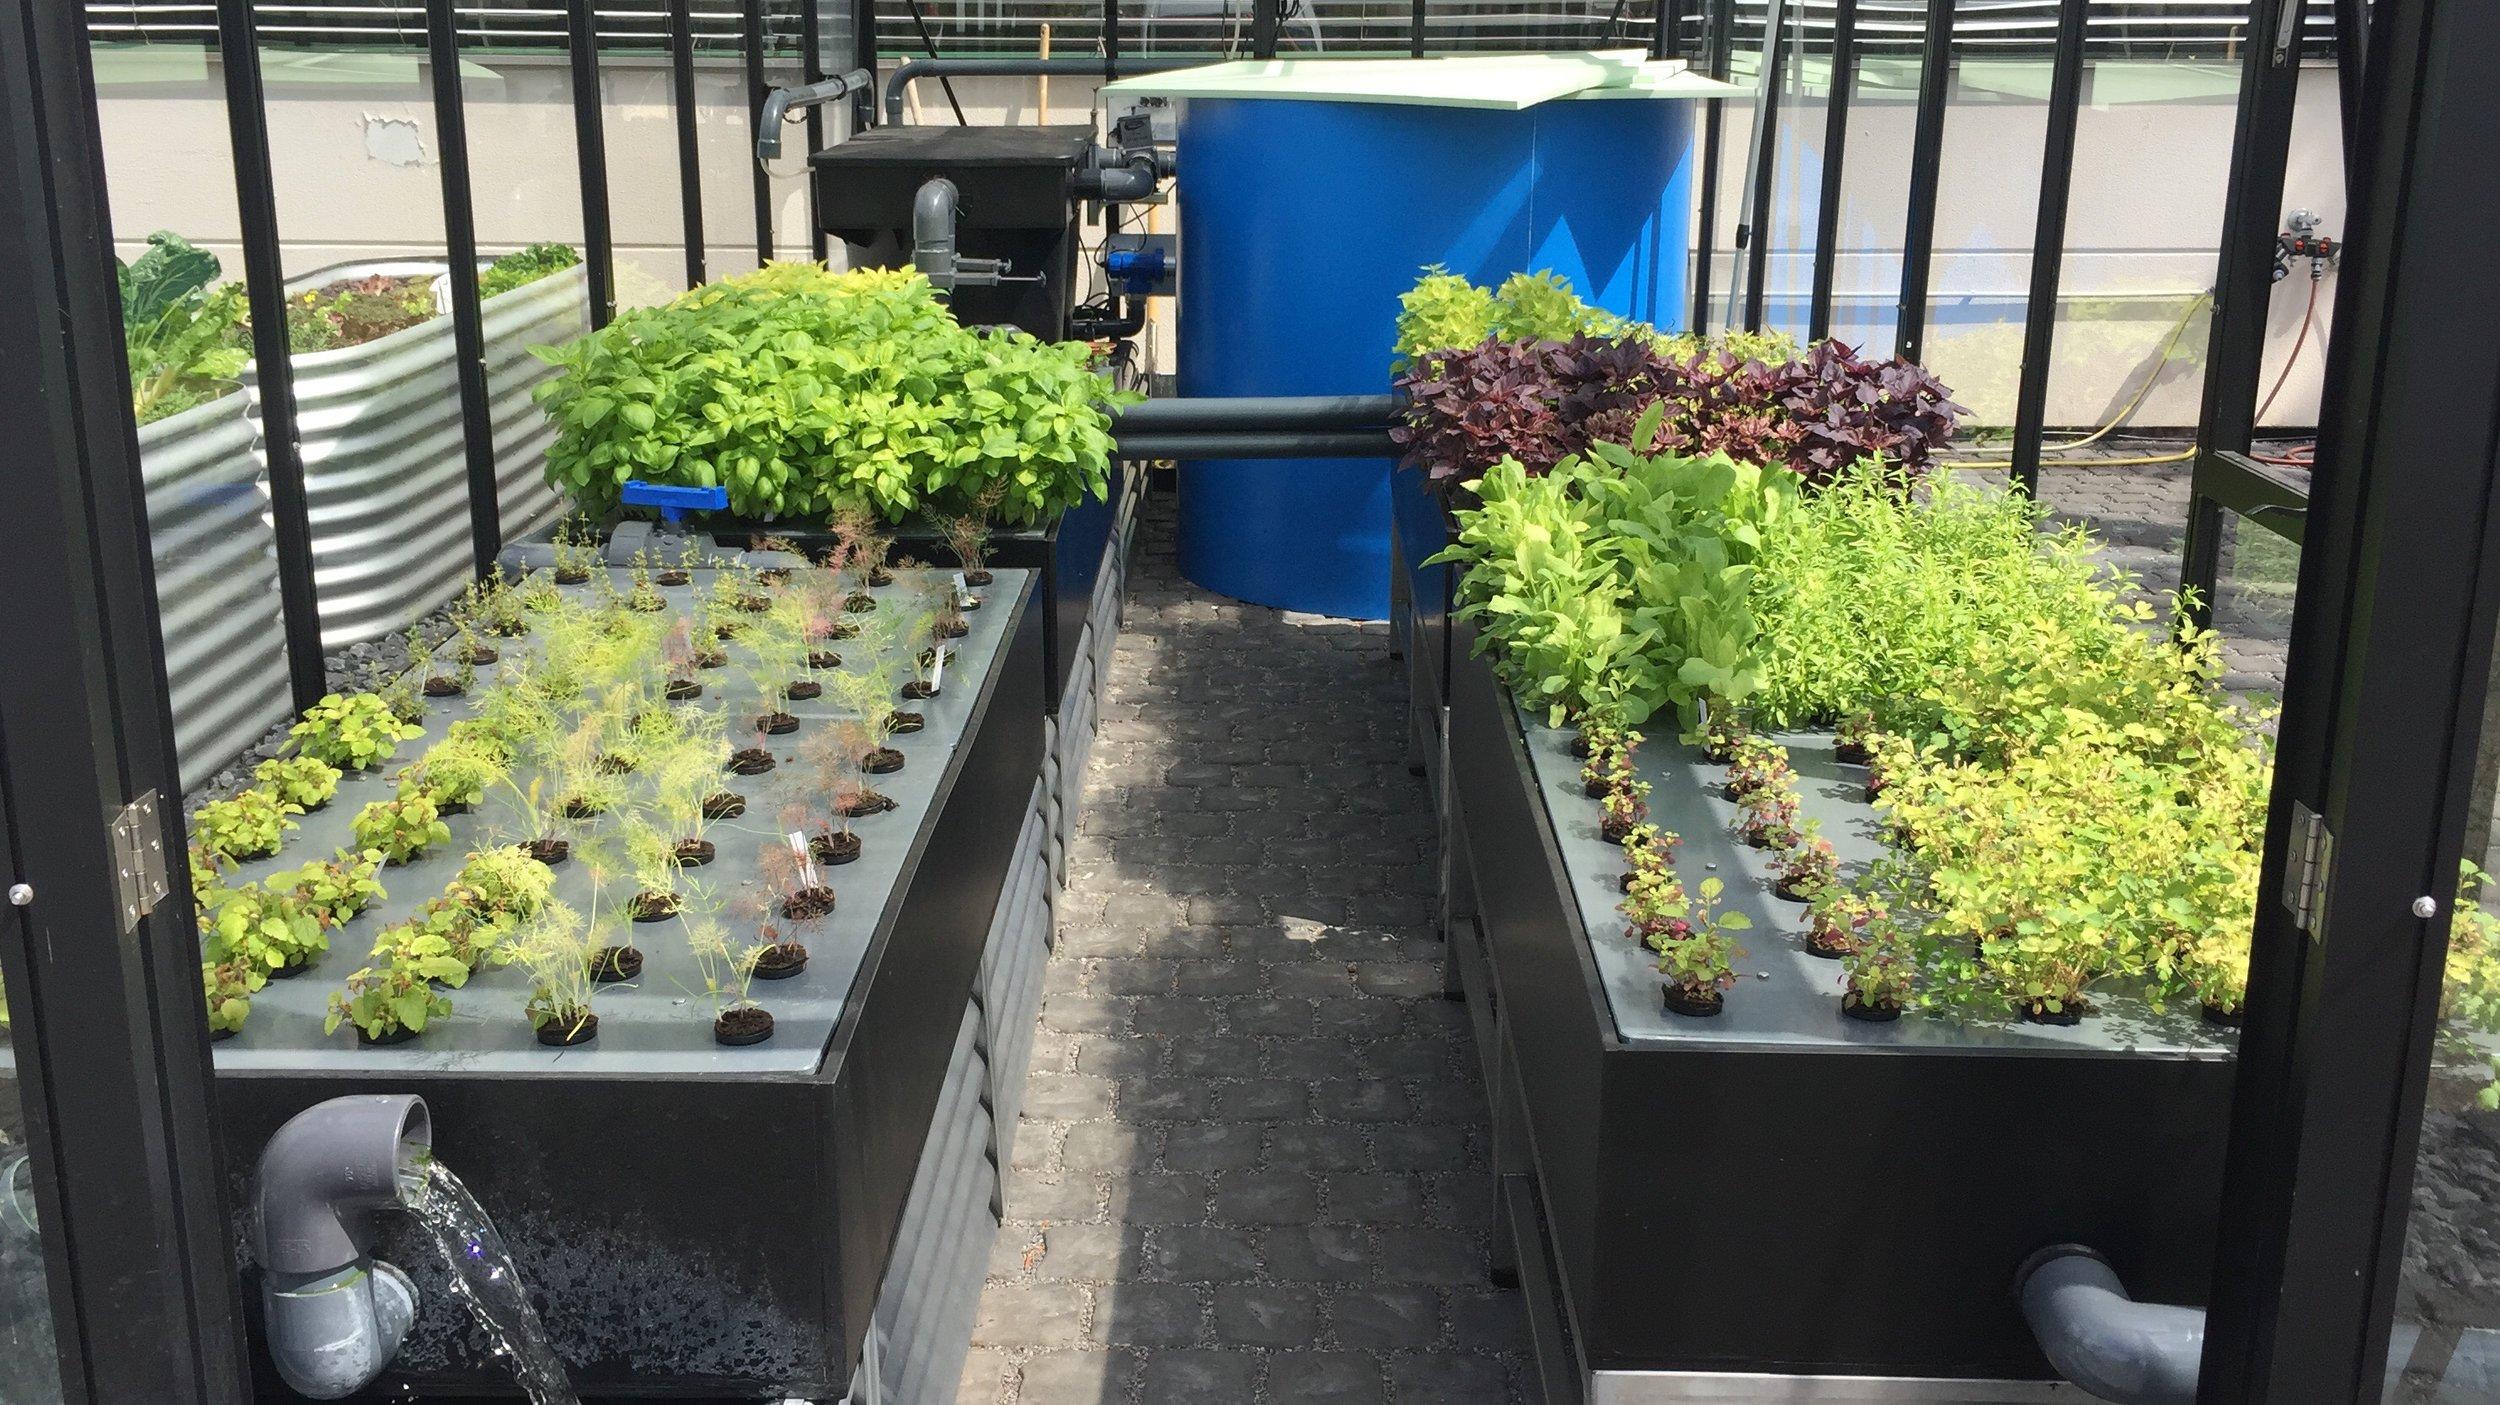 Die Hydrokultur - Die vier Growbeds auf rostfreien Edelstahlgestellen bieten Platz für rund 200 Pflanzen eingesetzt in die Rafts für 8cm und 5cm Netztöpfe. Die beiden Sumpftanks sind teilbar, um bei Bedarf Hydro- und Aquakultur zu trennen. Die Oberflächen ermöglichen ein sauberes arbeiten mit den Pflanzen.